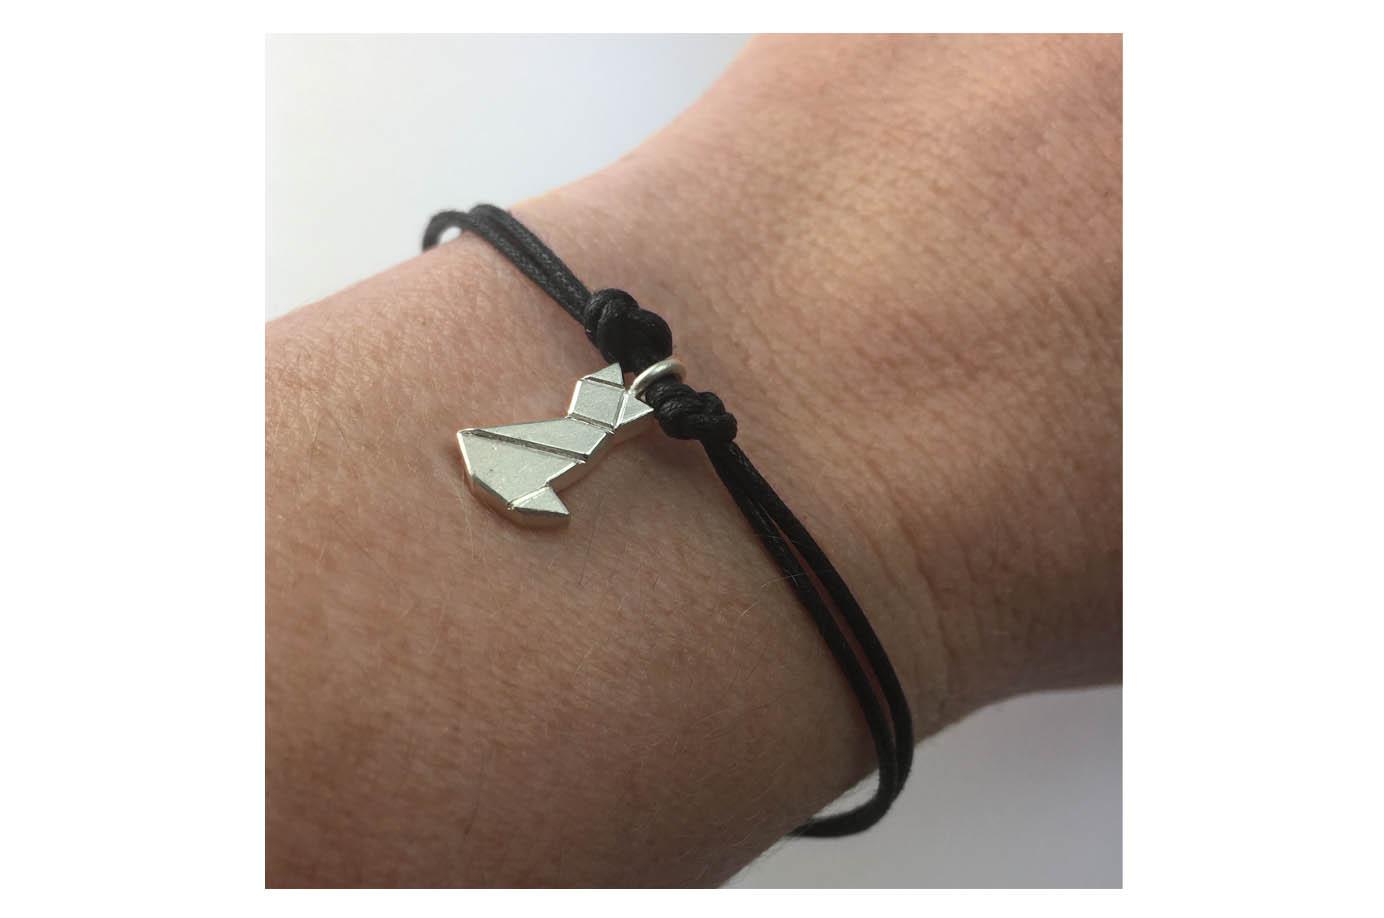 MIEZE - Tangram Kette oder Armband 935 Silber auf Wunsch vergoldet